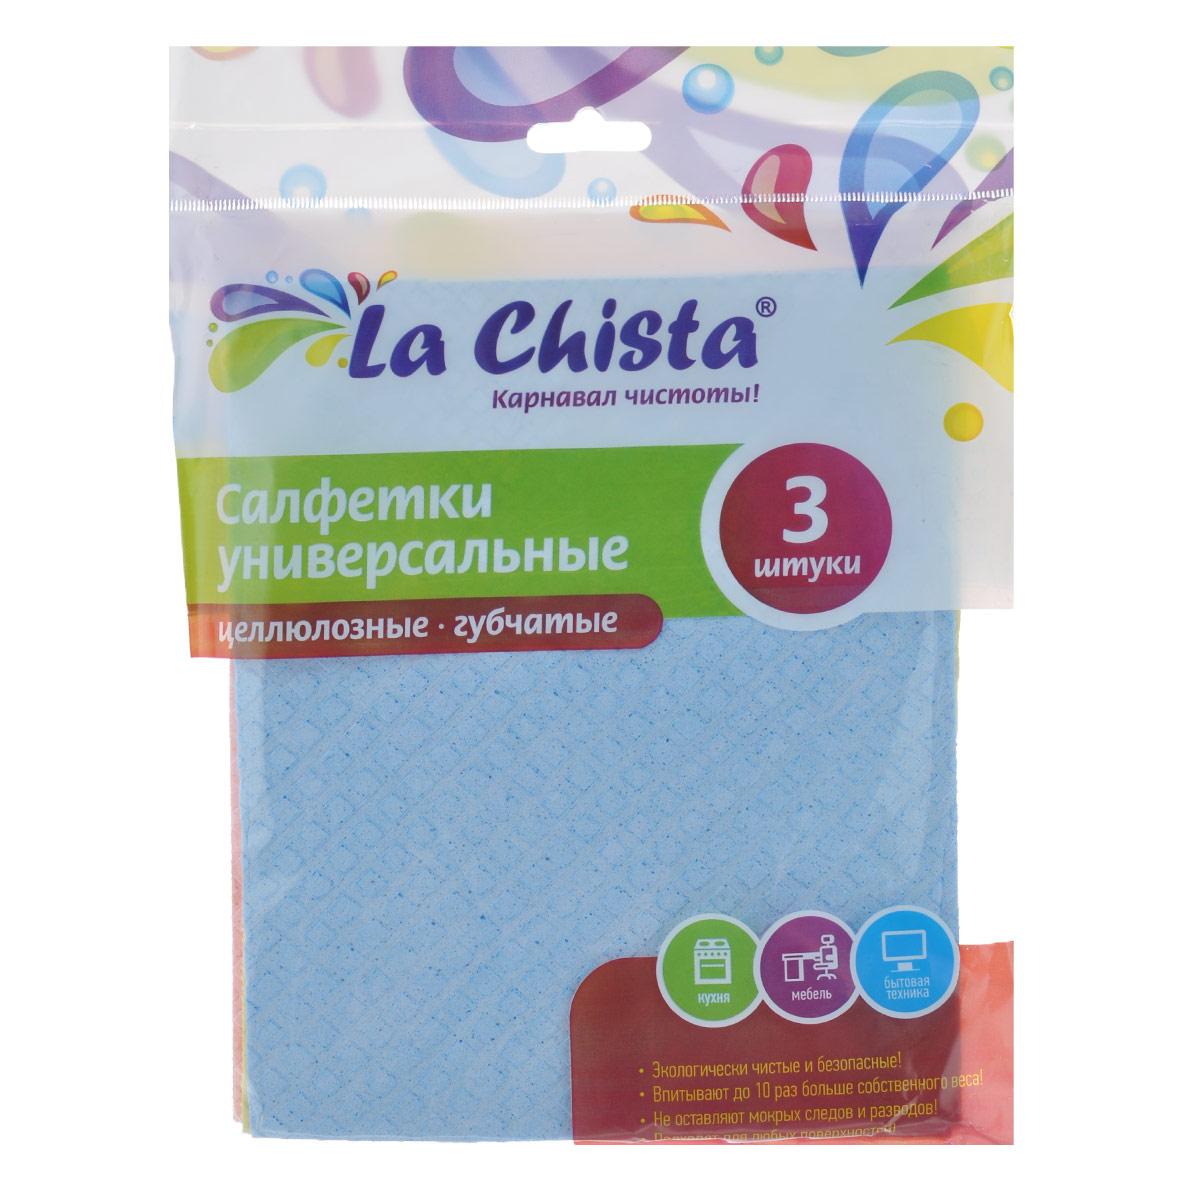 Салфетки универсальные La Chista, губчатые, 15 см х 15 см, 3 шт531-105Универсальные губчатые салфетки La Chista, изготовленные из целлюлозы, прекрасно подойдут для влажной уборки. Такие салфетки впитывают до 10 раз больше собственного веса. Подходят для любых поверхностей и не оставляют ворсинок и разводов. Экологически безопасные.Комплектация: 3 шт.